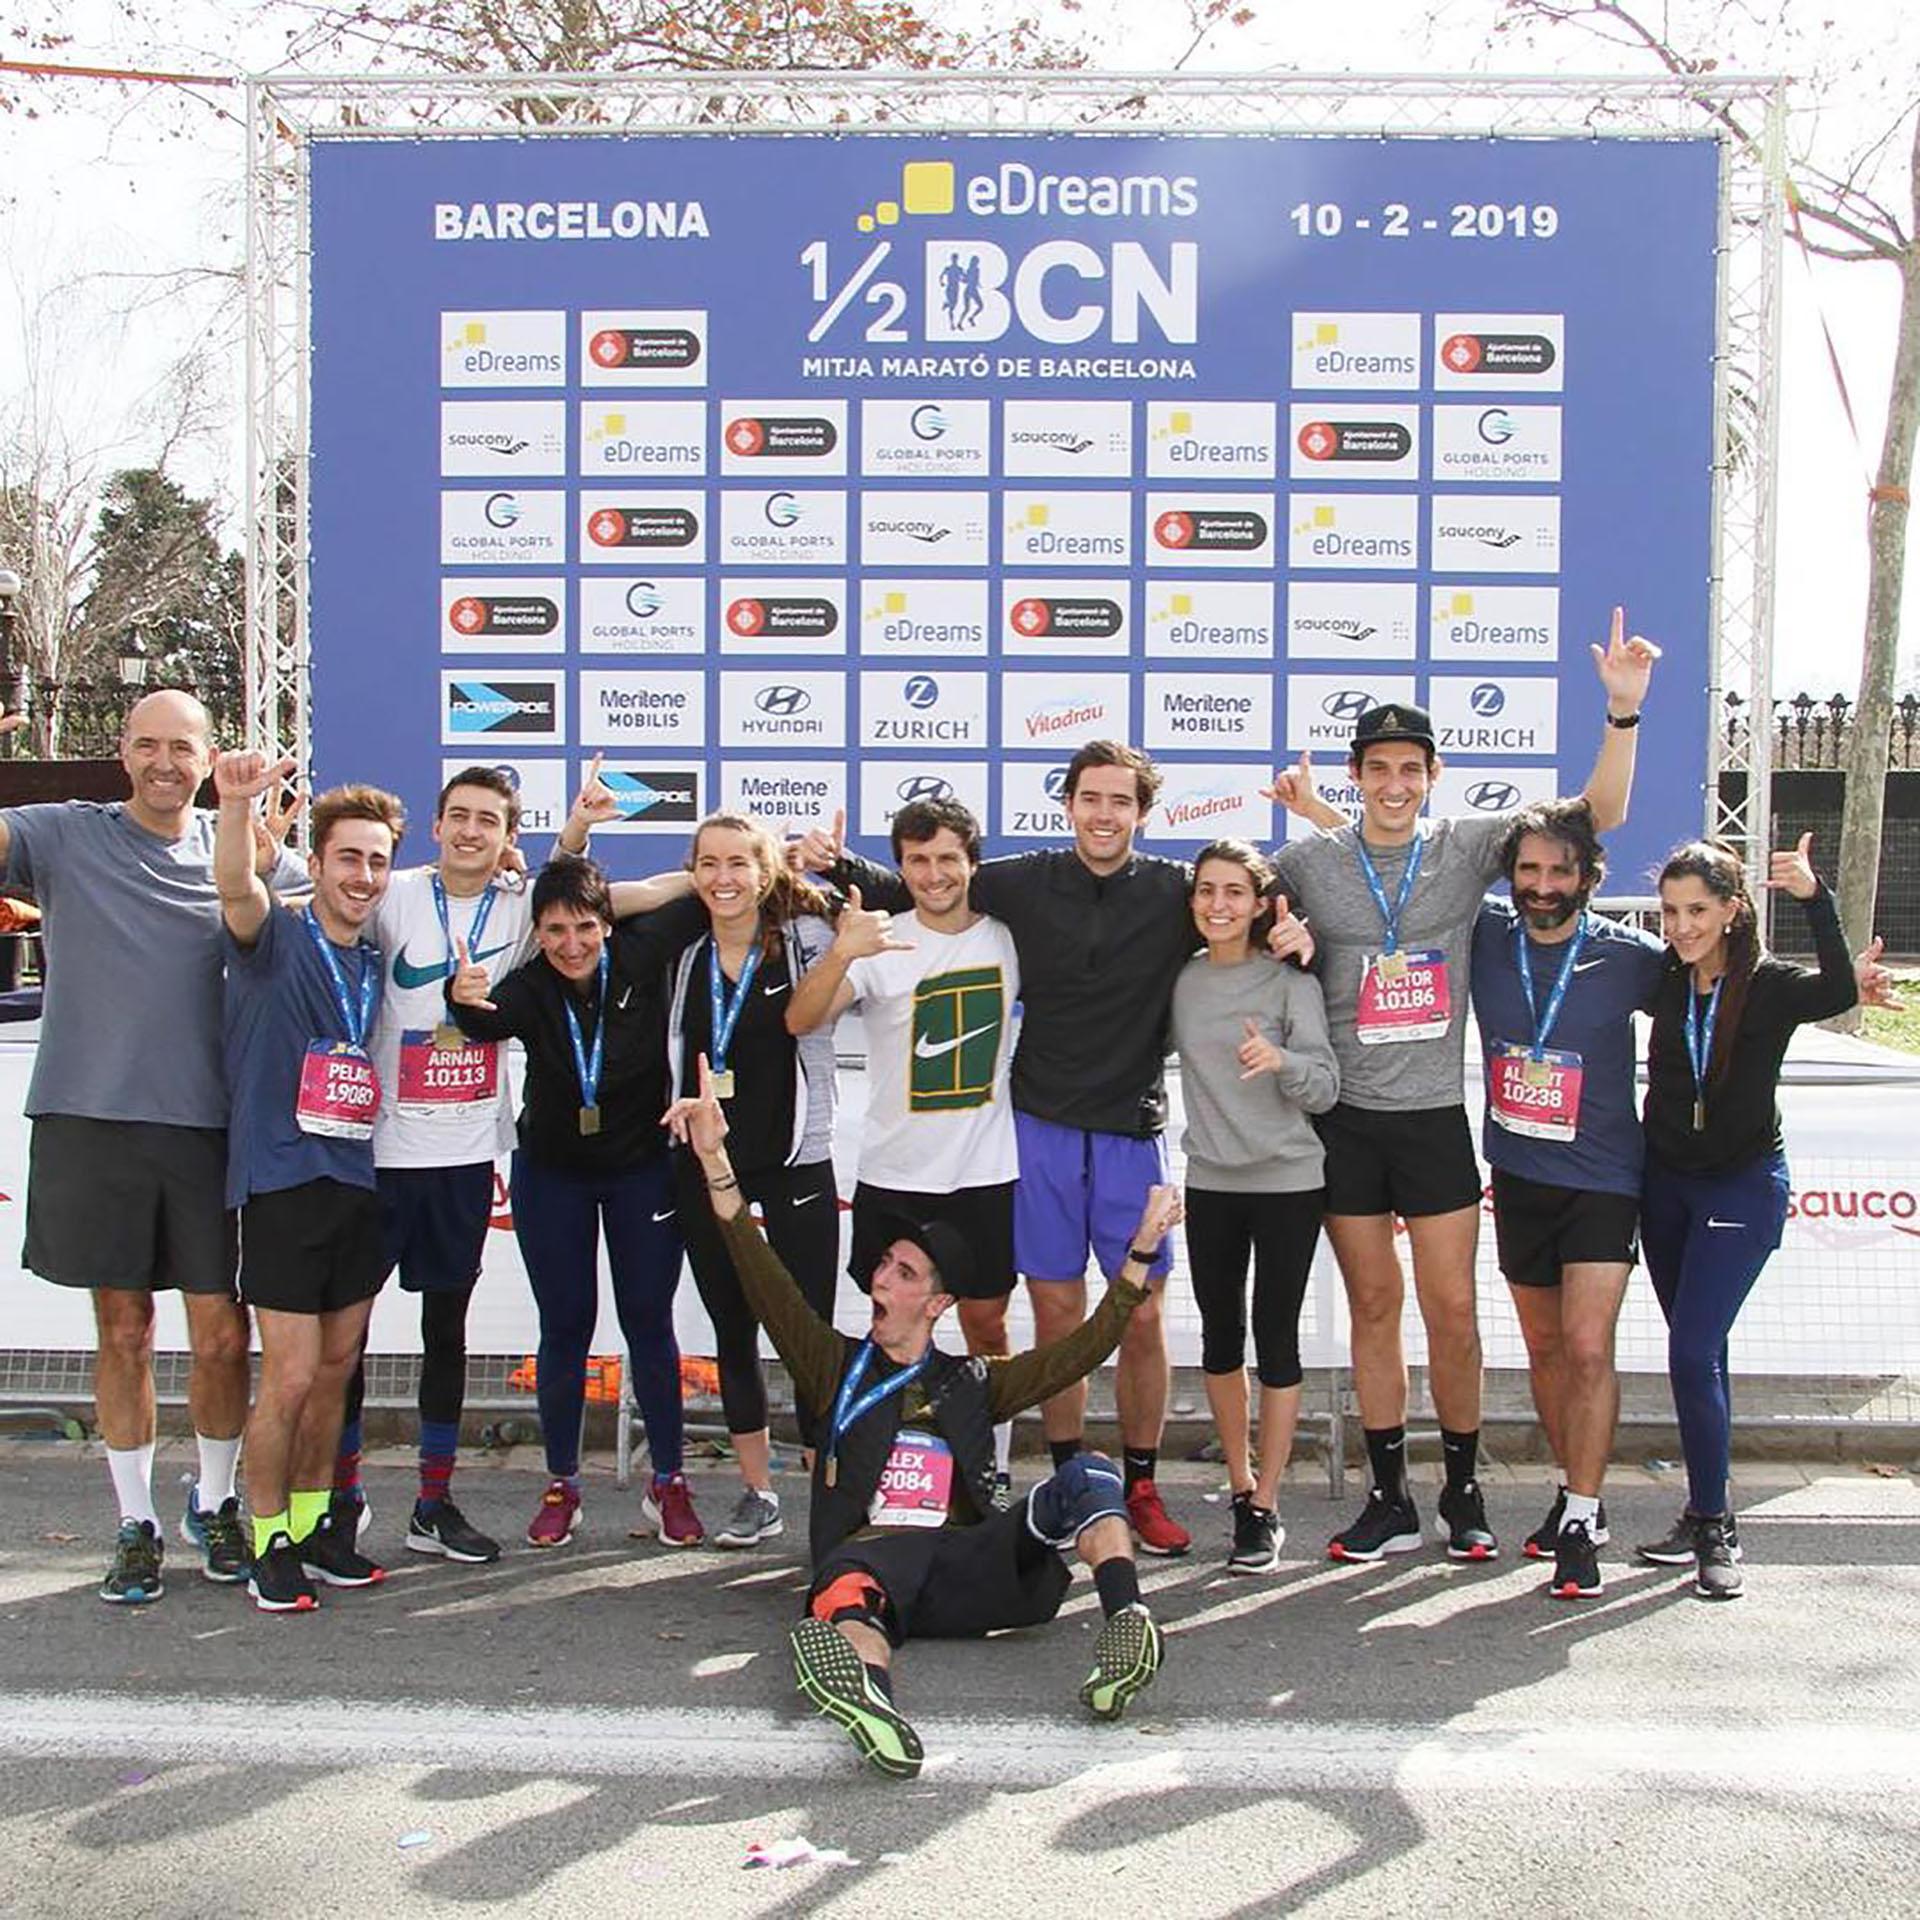 Álex celebrando al final de la media maratón de Barcelona (@alexroca91)